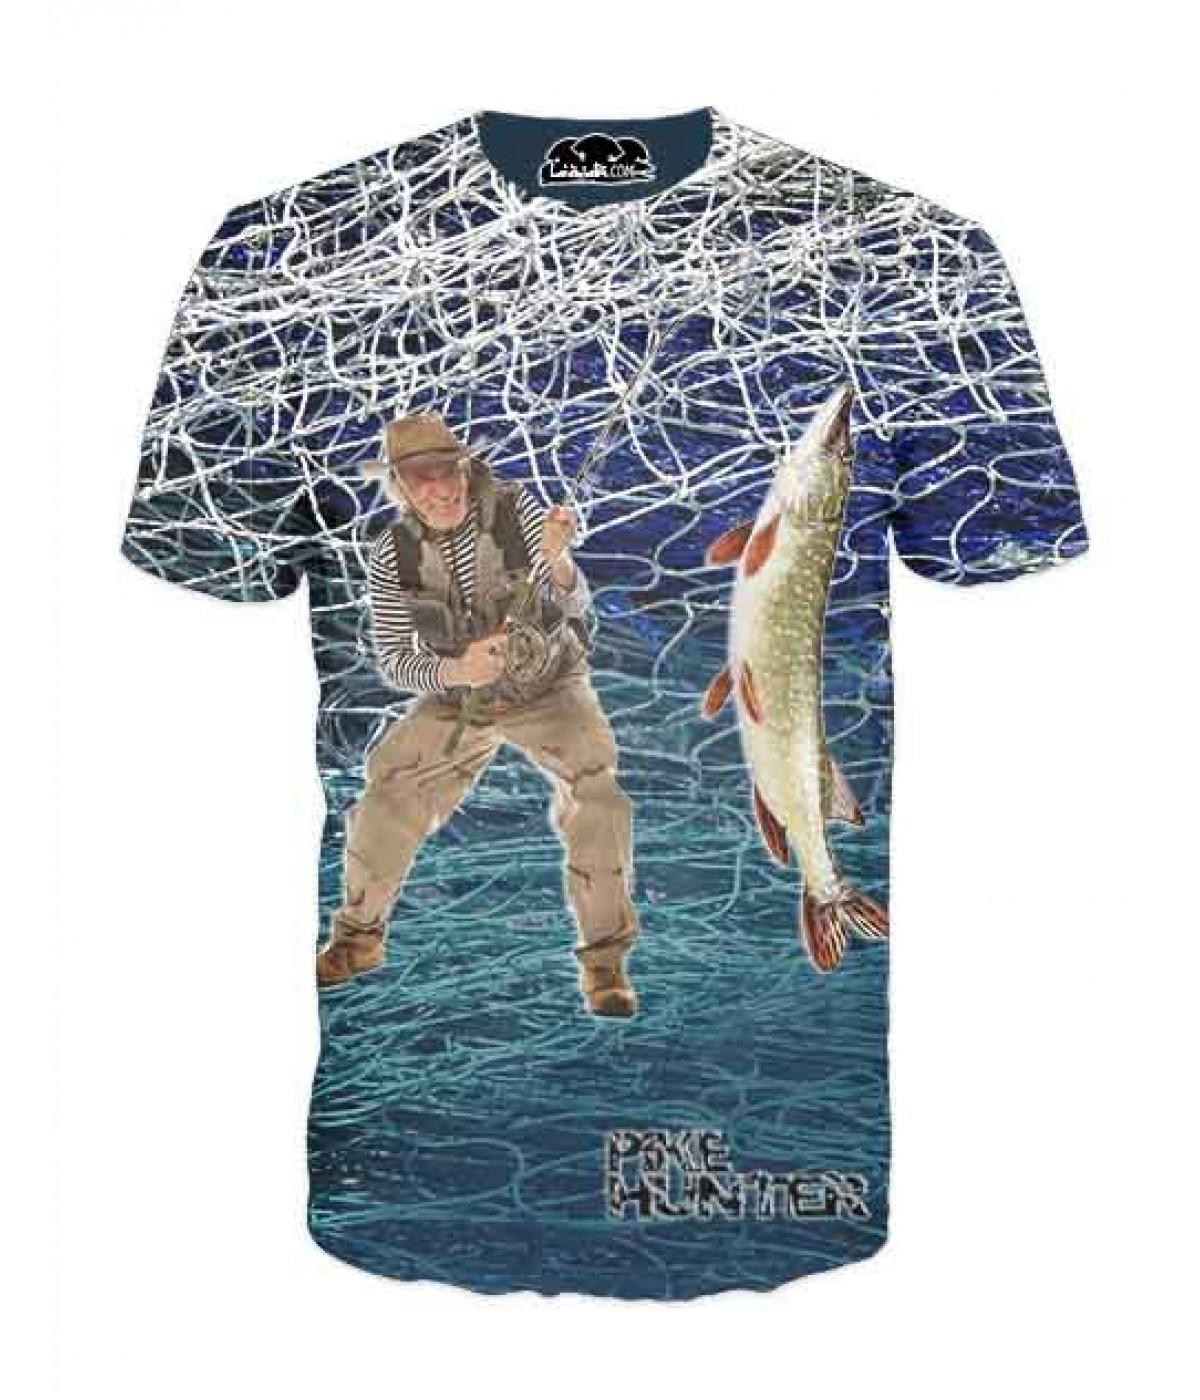 Mъжка риболовна тениска с мрежа и рибар на щука